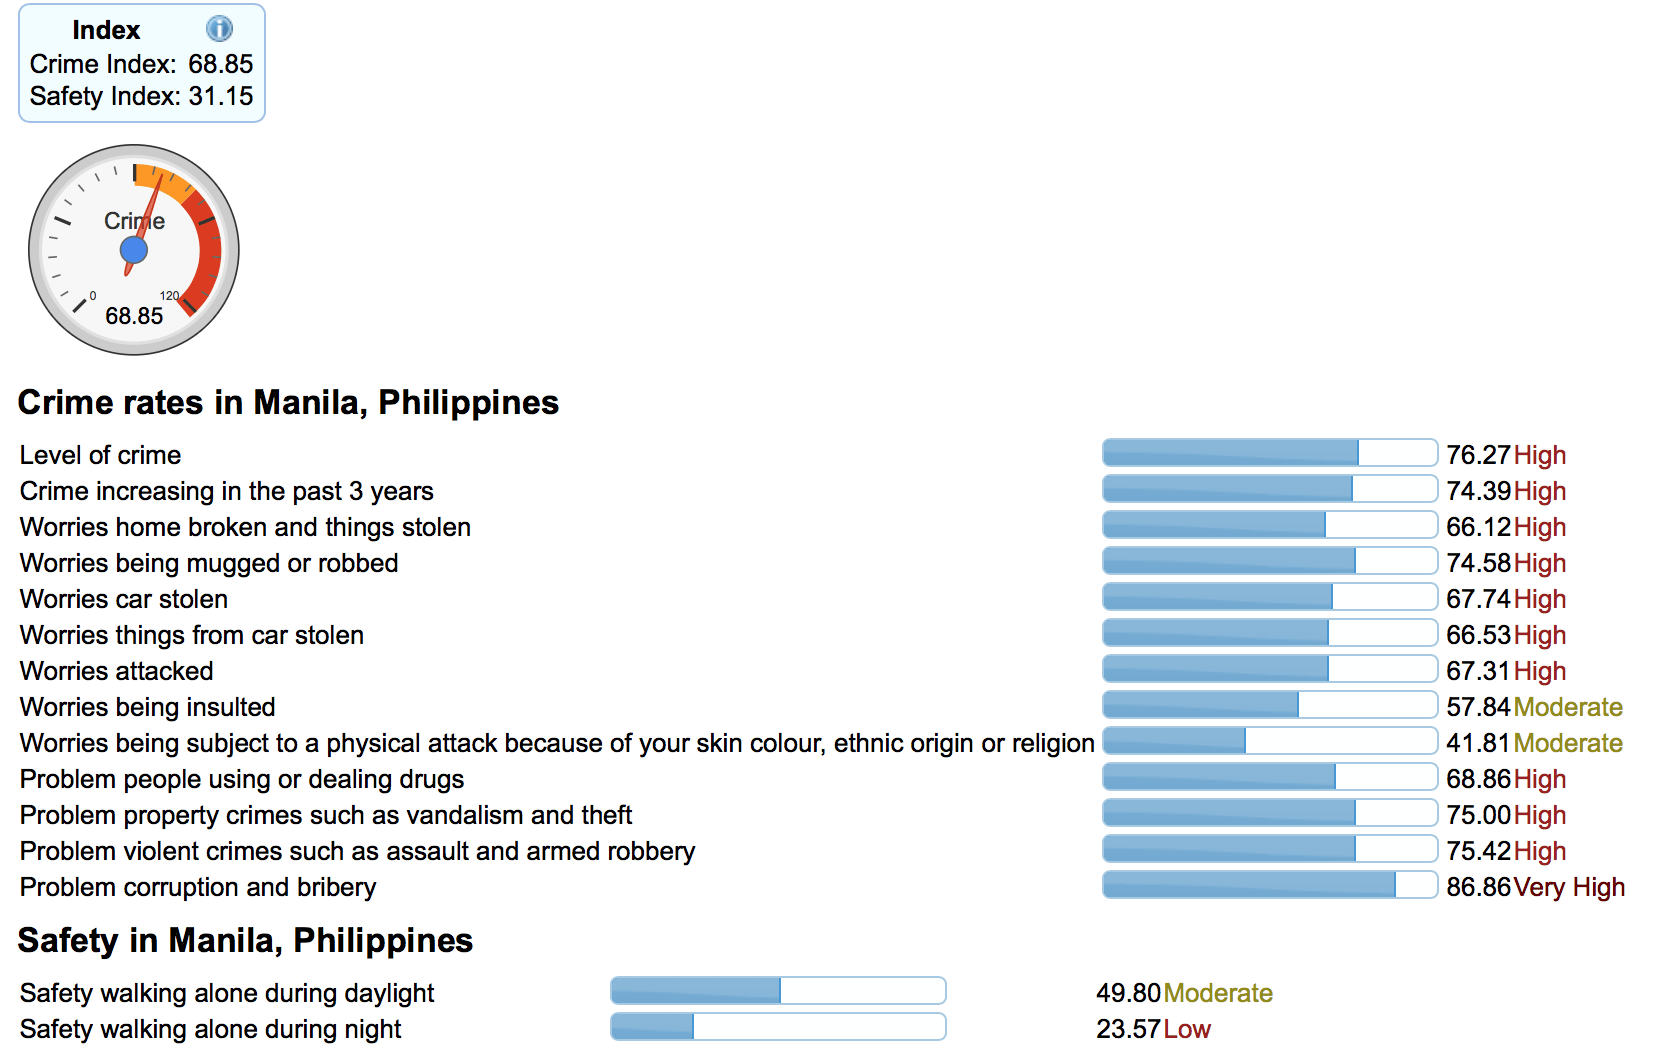 Manila Verbrechensrate